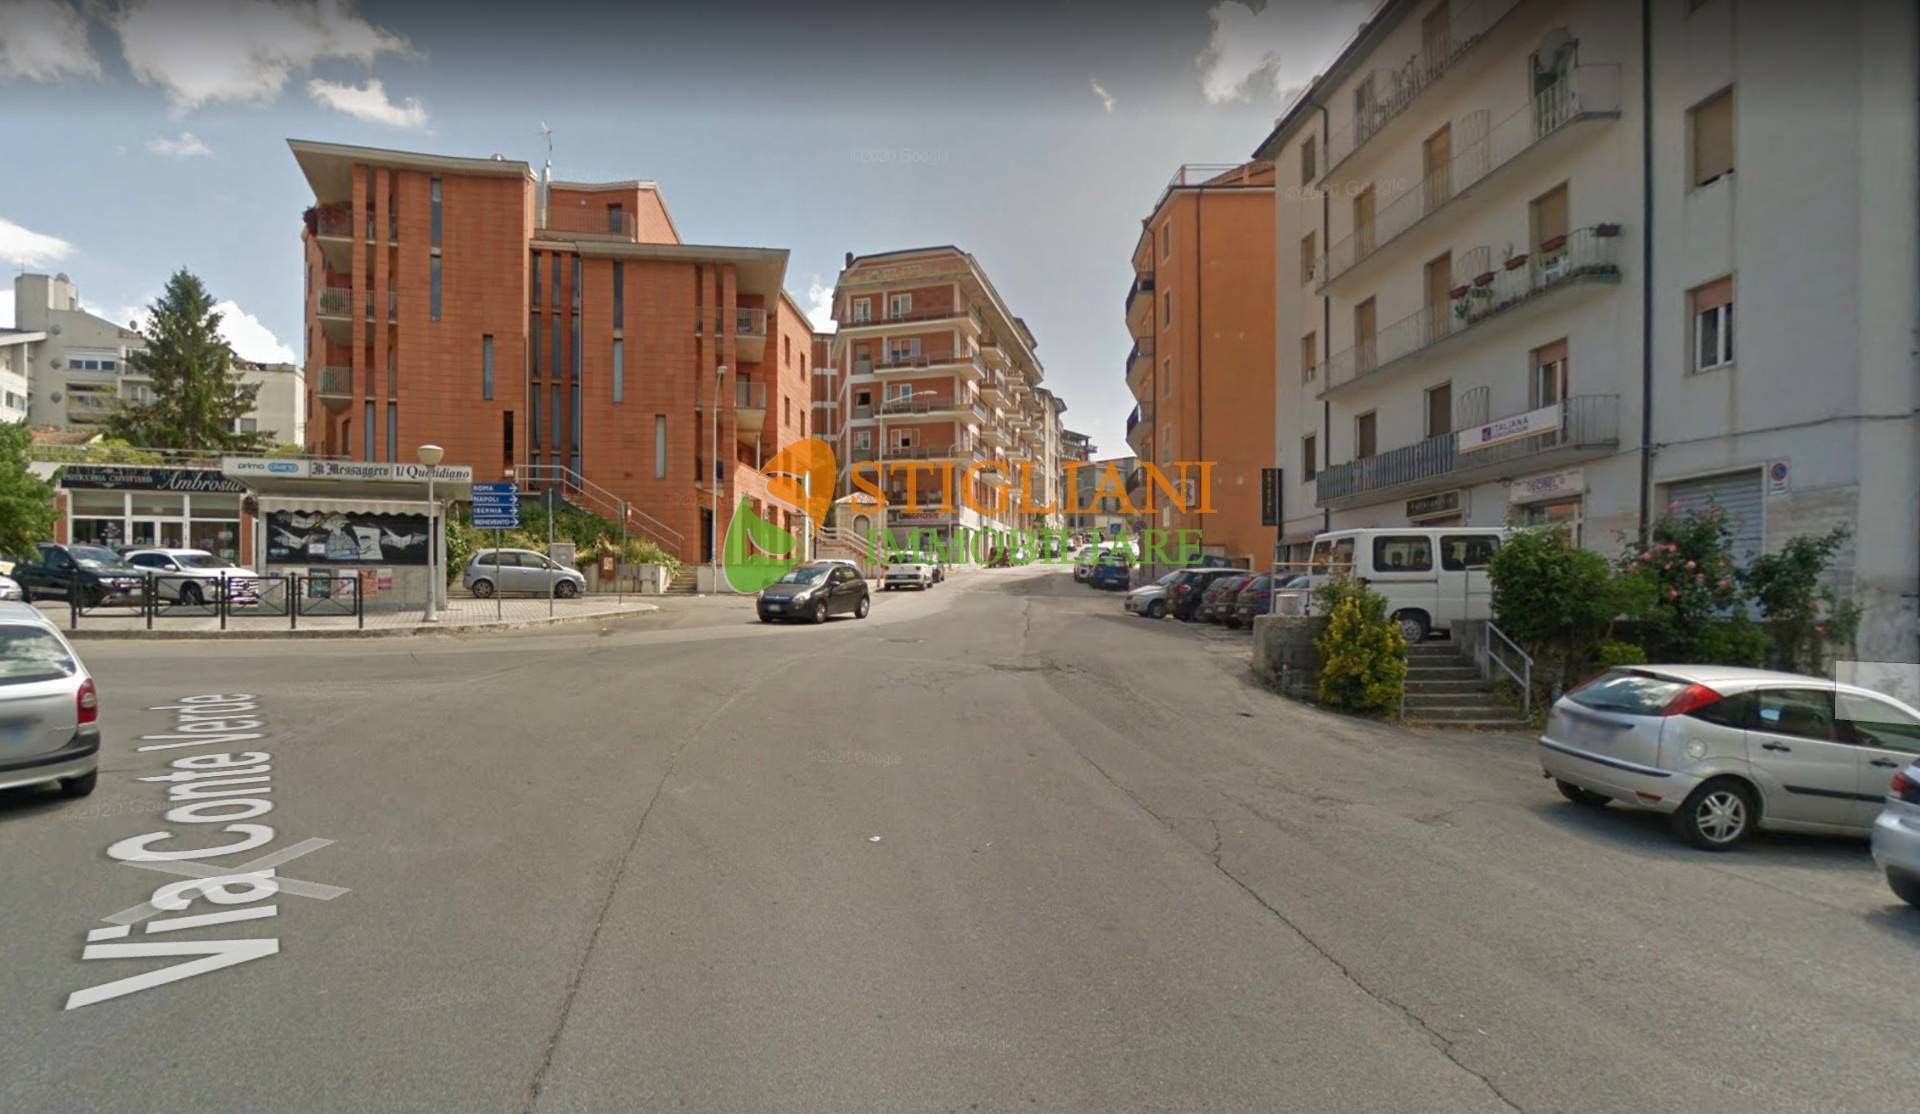 Ufficio / Studio in vendita a Campobasso, 9999 locali, zona Località: Periferia, Trattative riservate | CambioCasa.it